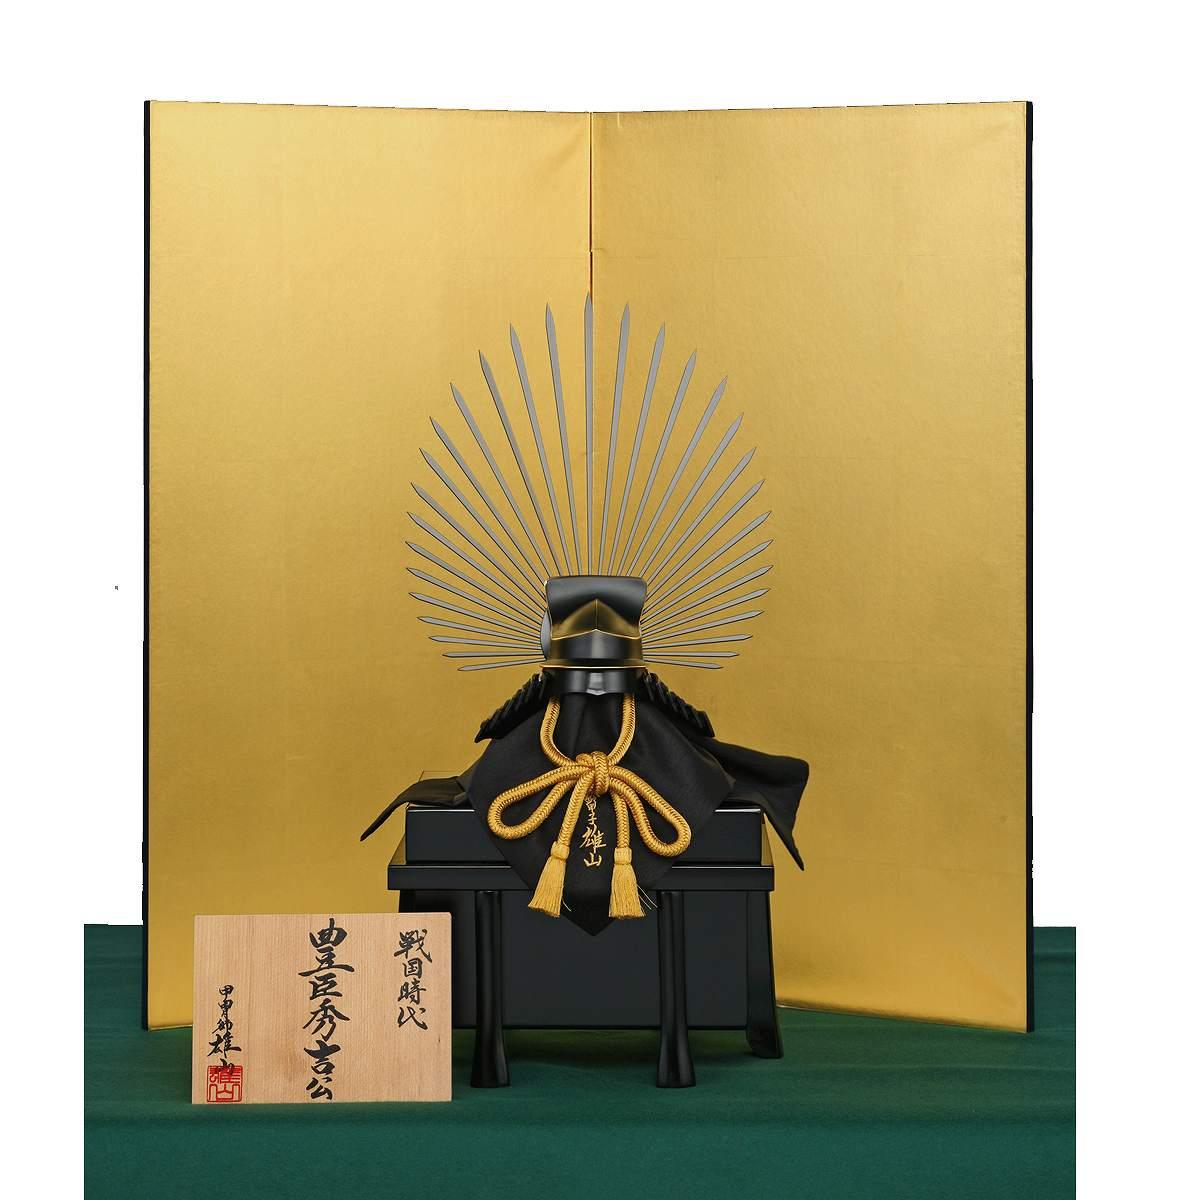 五月節句 男の子 五月人形 兜飾り 豊臣秀吉 雄山 金屏風 送料無料